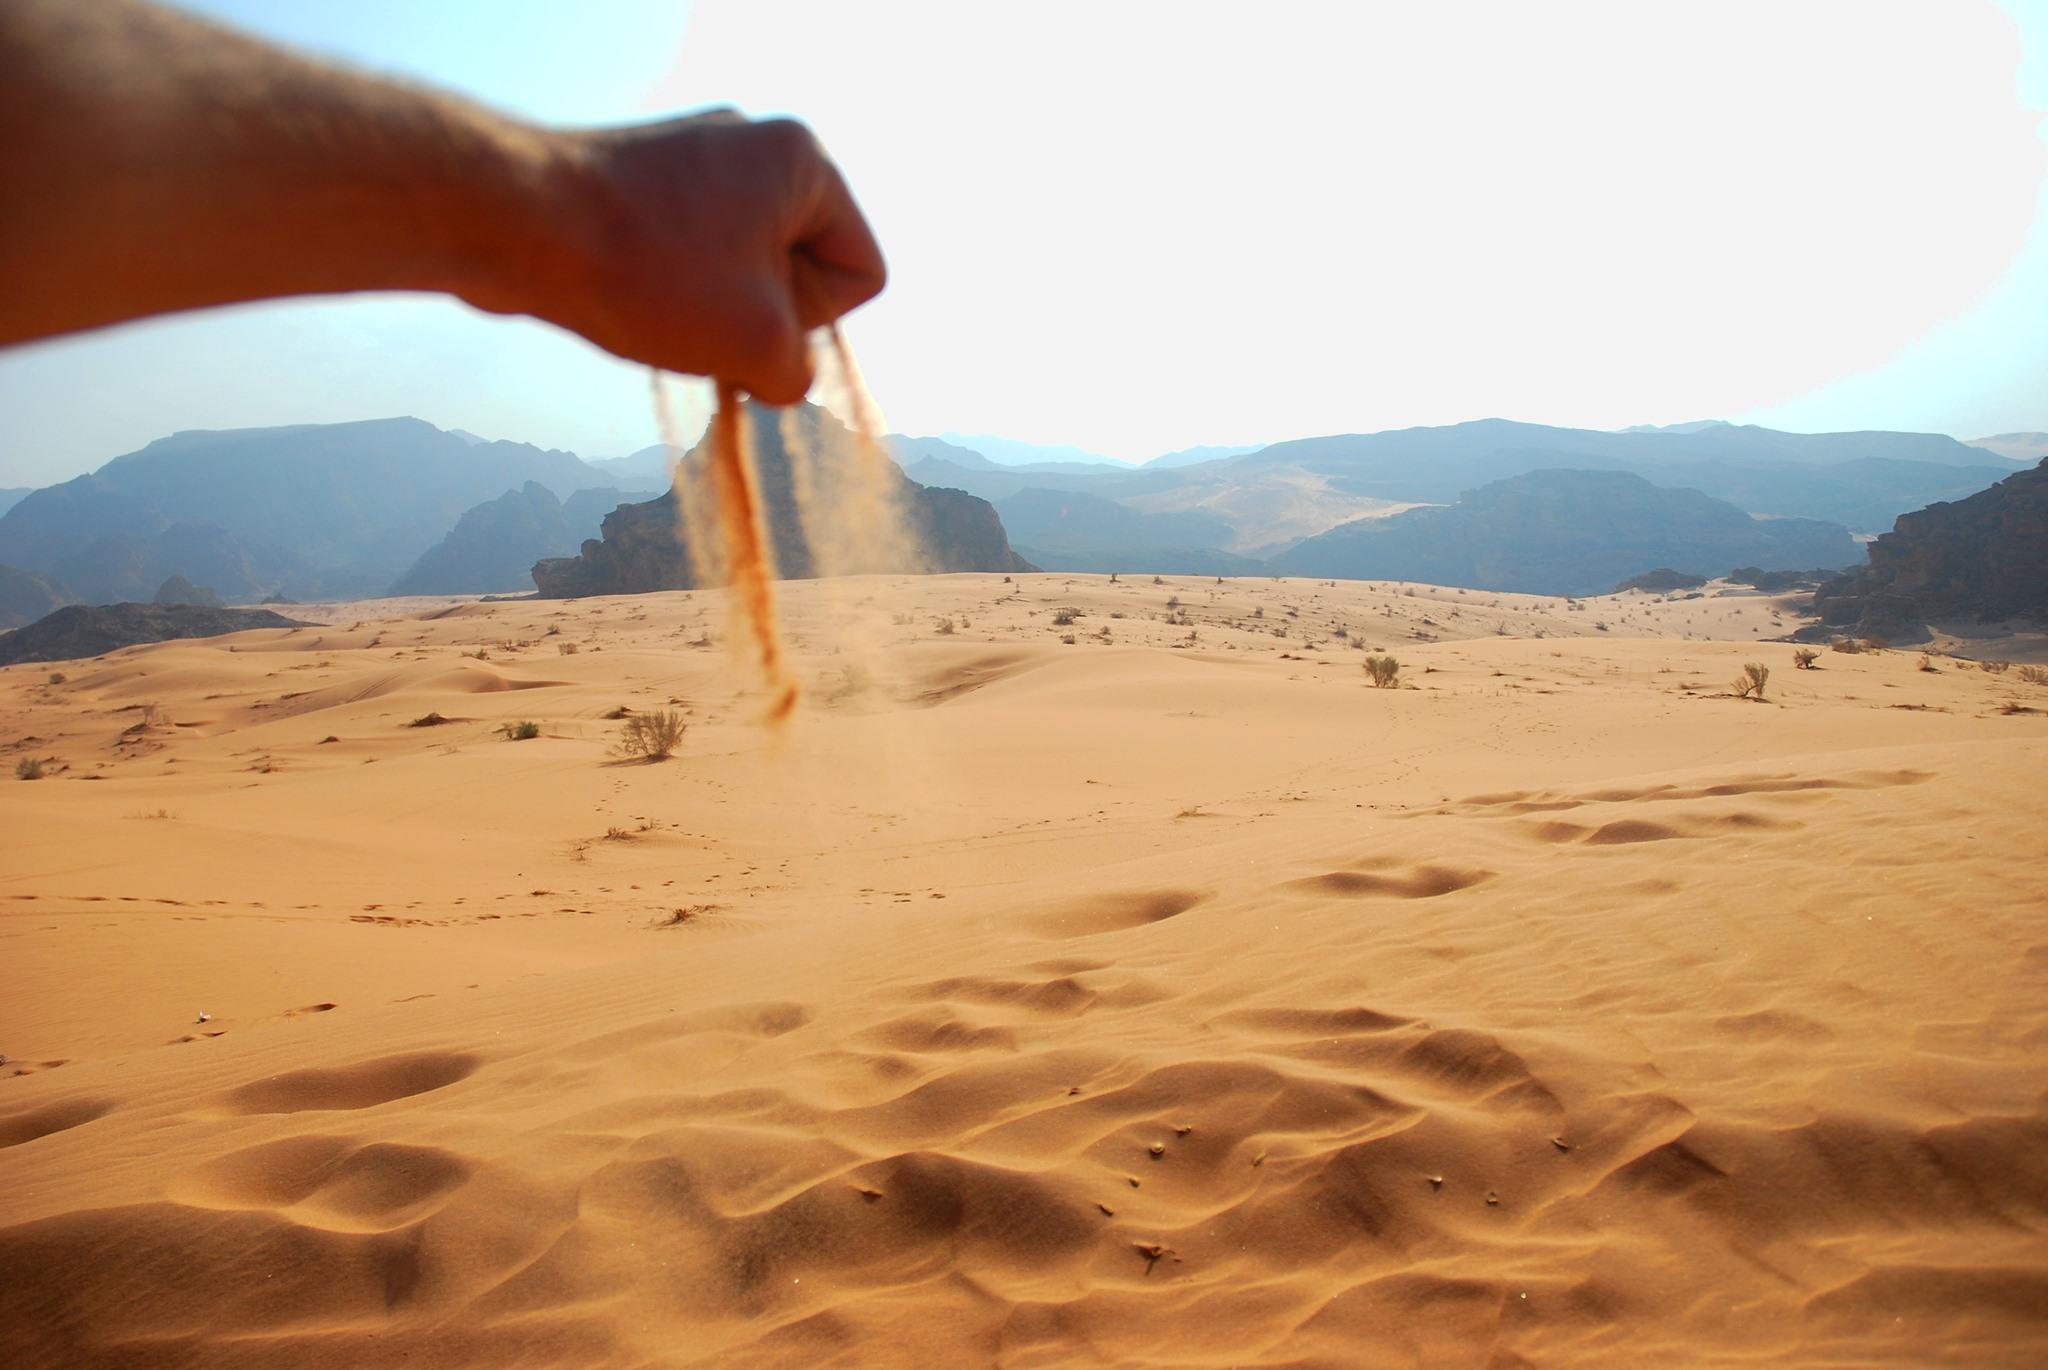 Ein einziger, großer Sandkasten: Wadi Arabah ist so anders beeidruckend als…